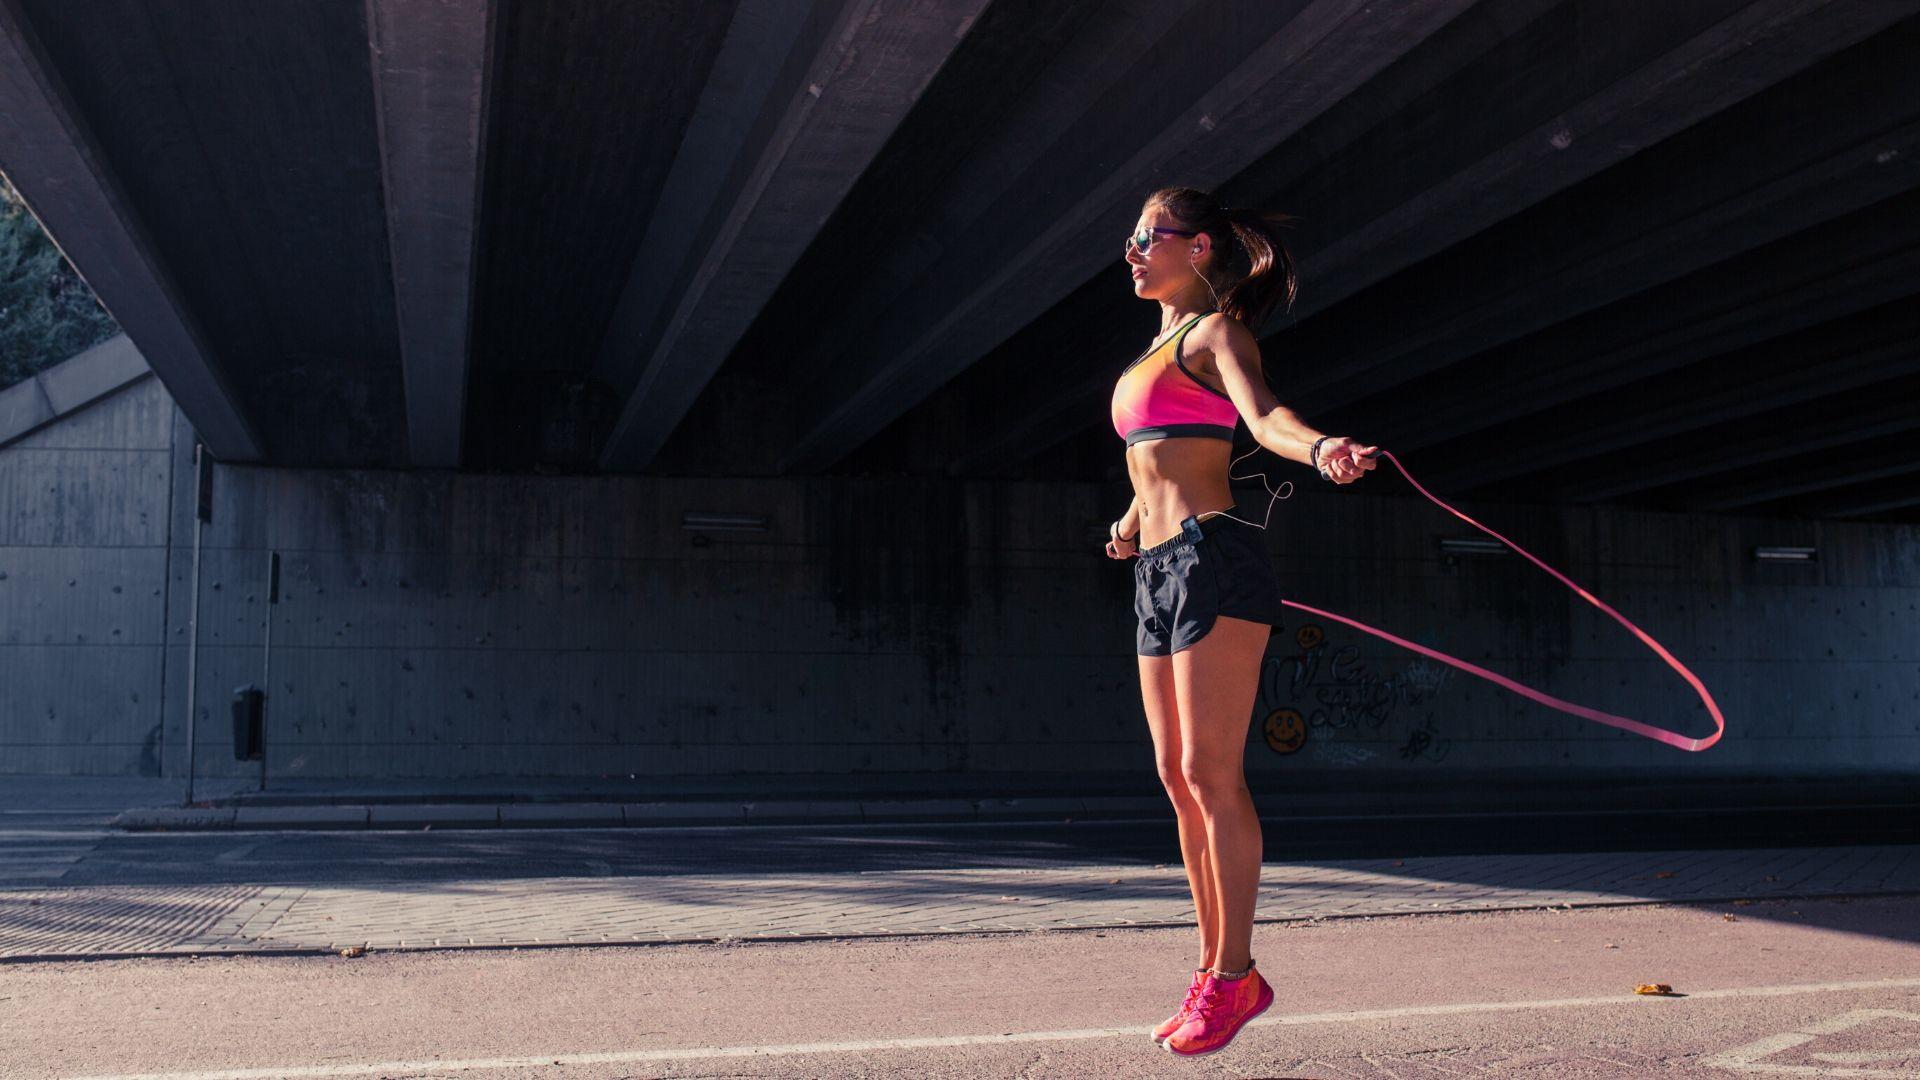 Skiptember Skipping Exercise Challenge - Banner